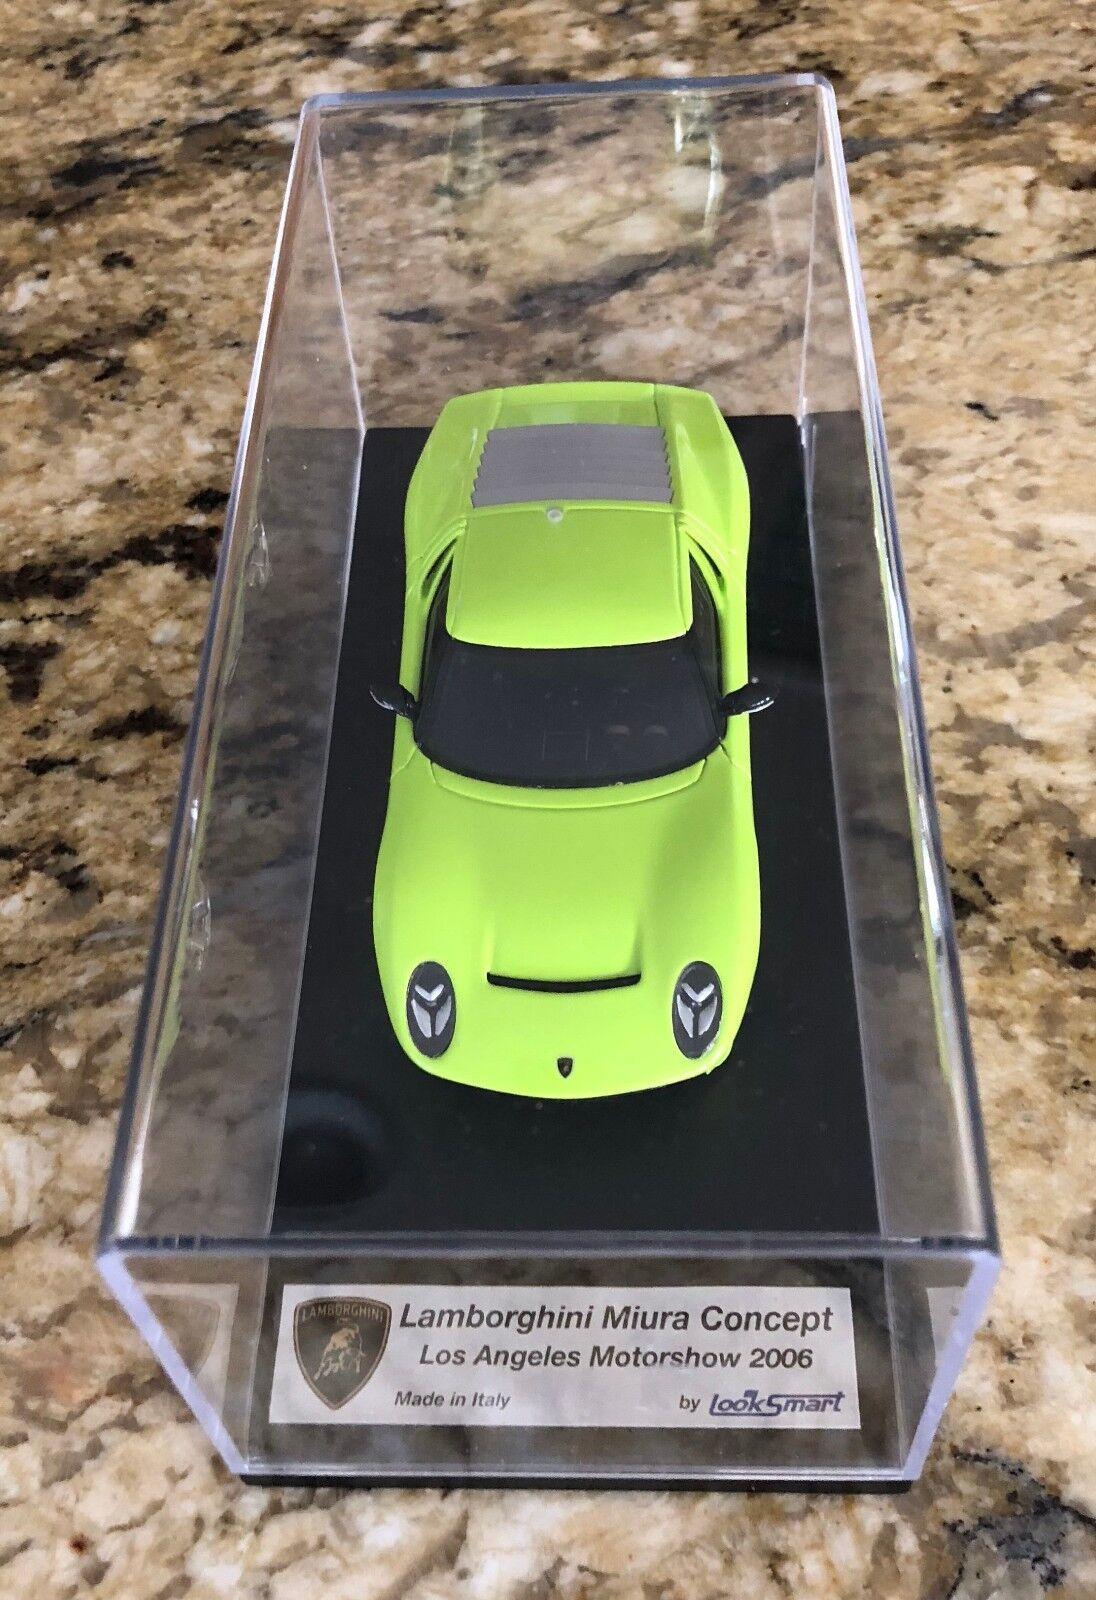 Looksmart lamborghini miura concept 2006 in los angeles motorshow 1 43 - ls172a